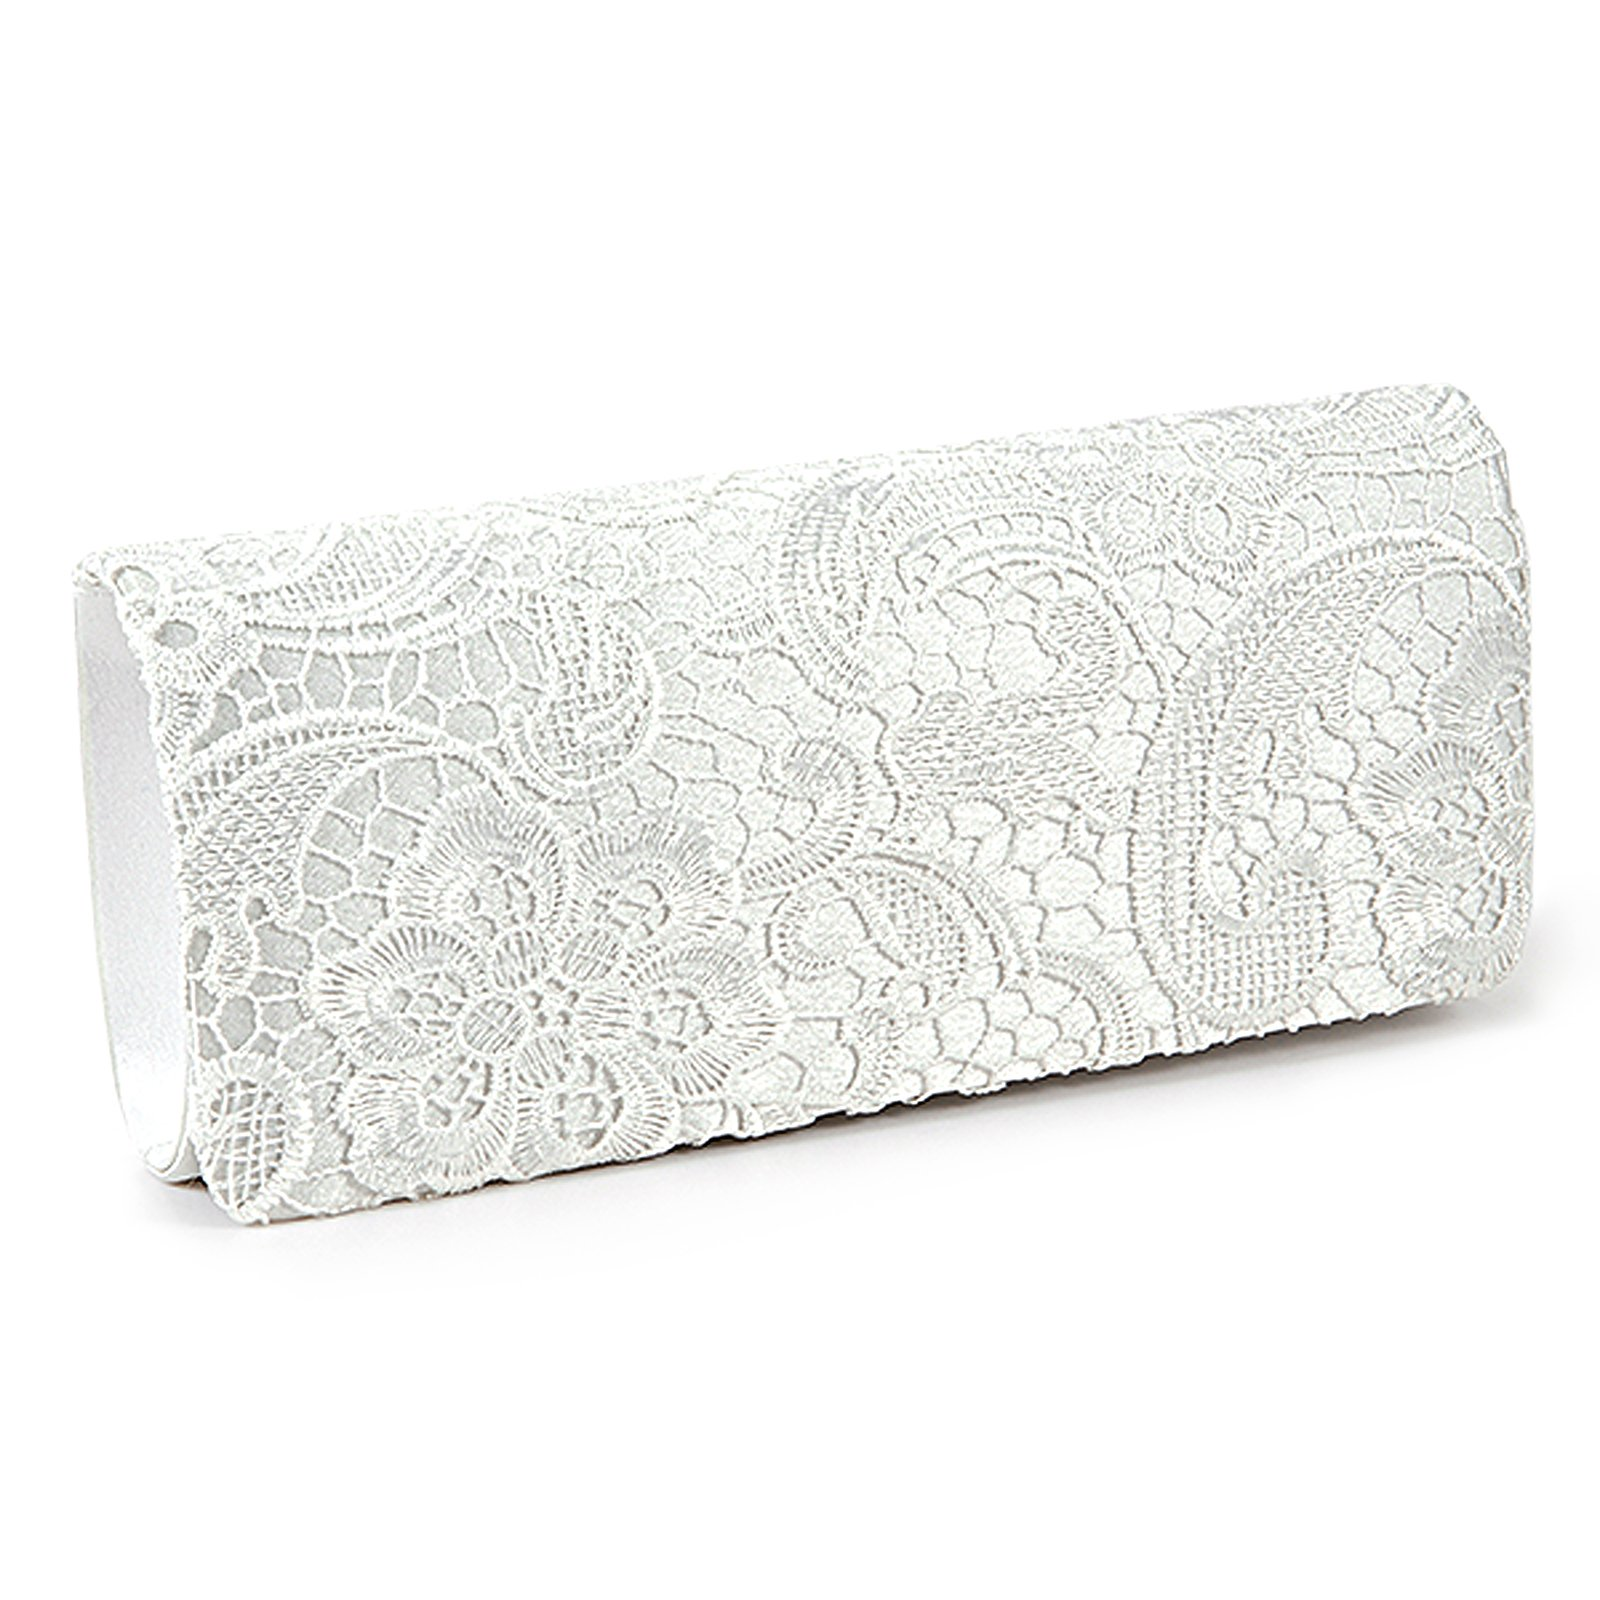 4c448429f60b Wholesale SCYL Women Lace Floral Satchel White Clutch Bag For ...